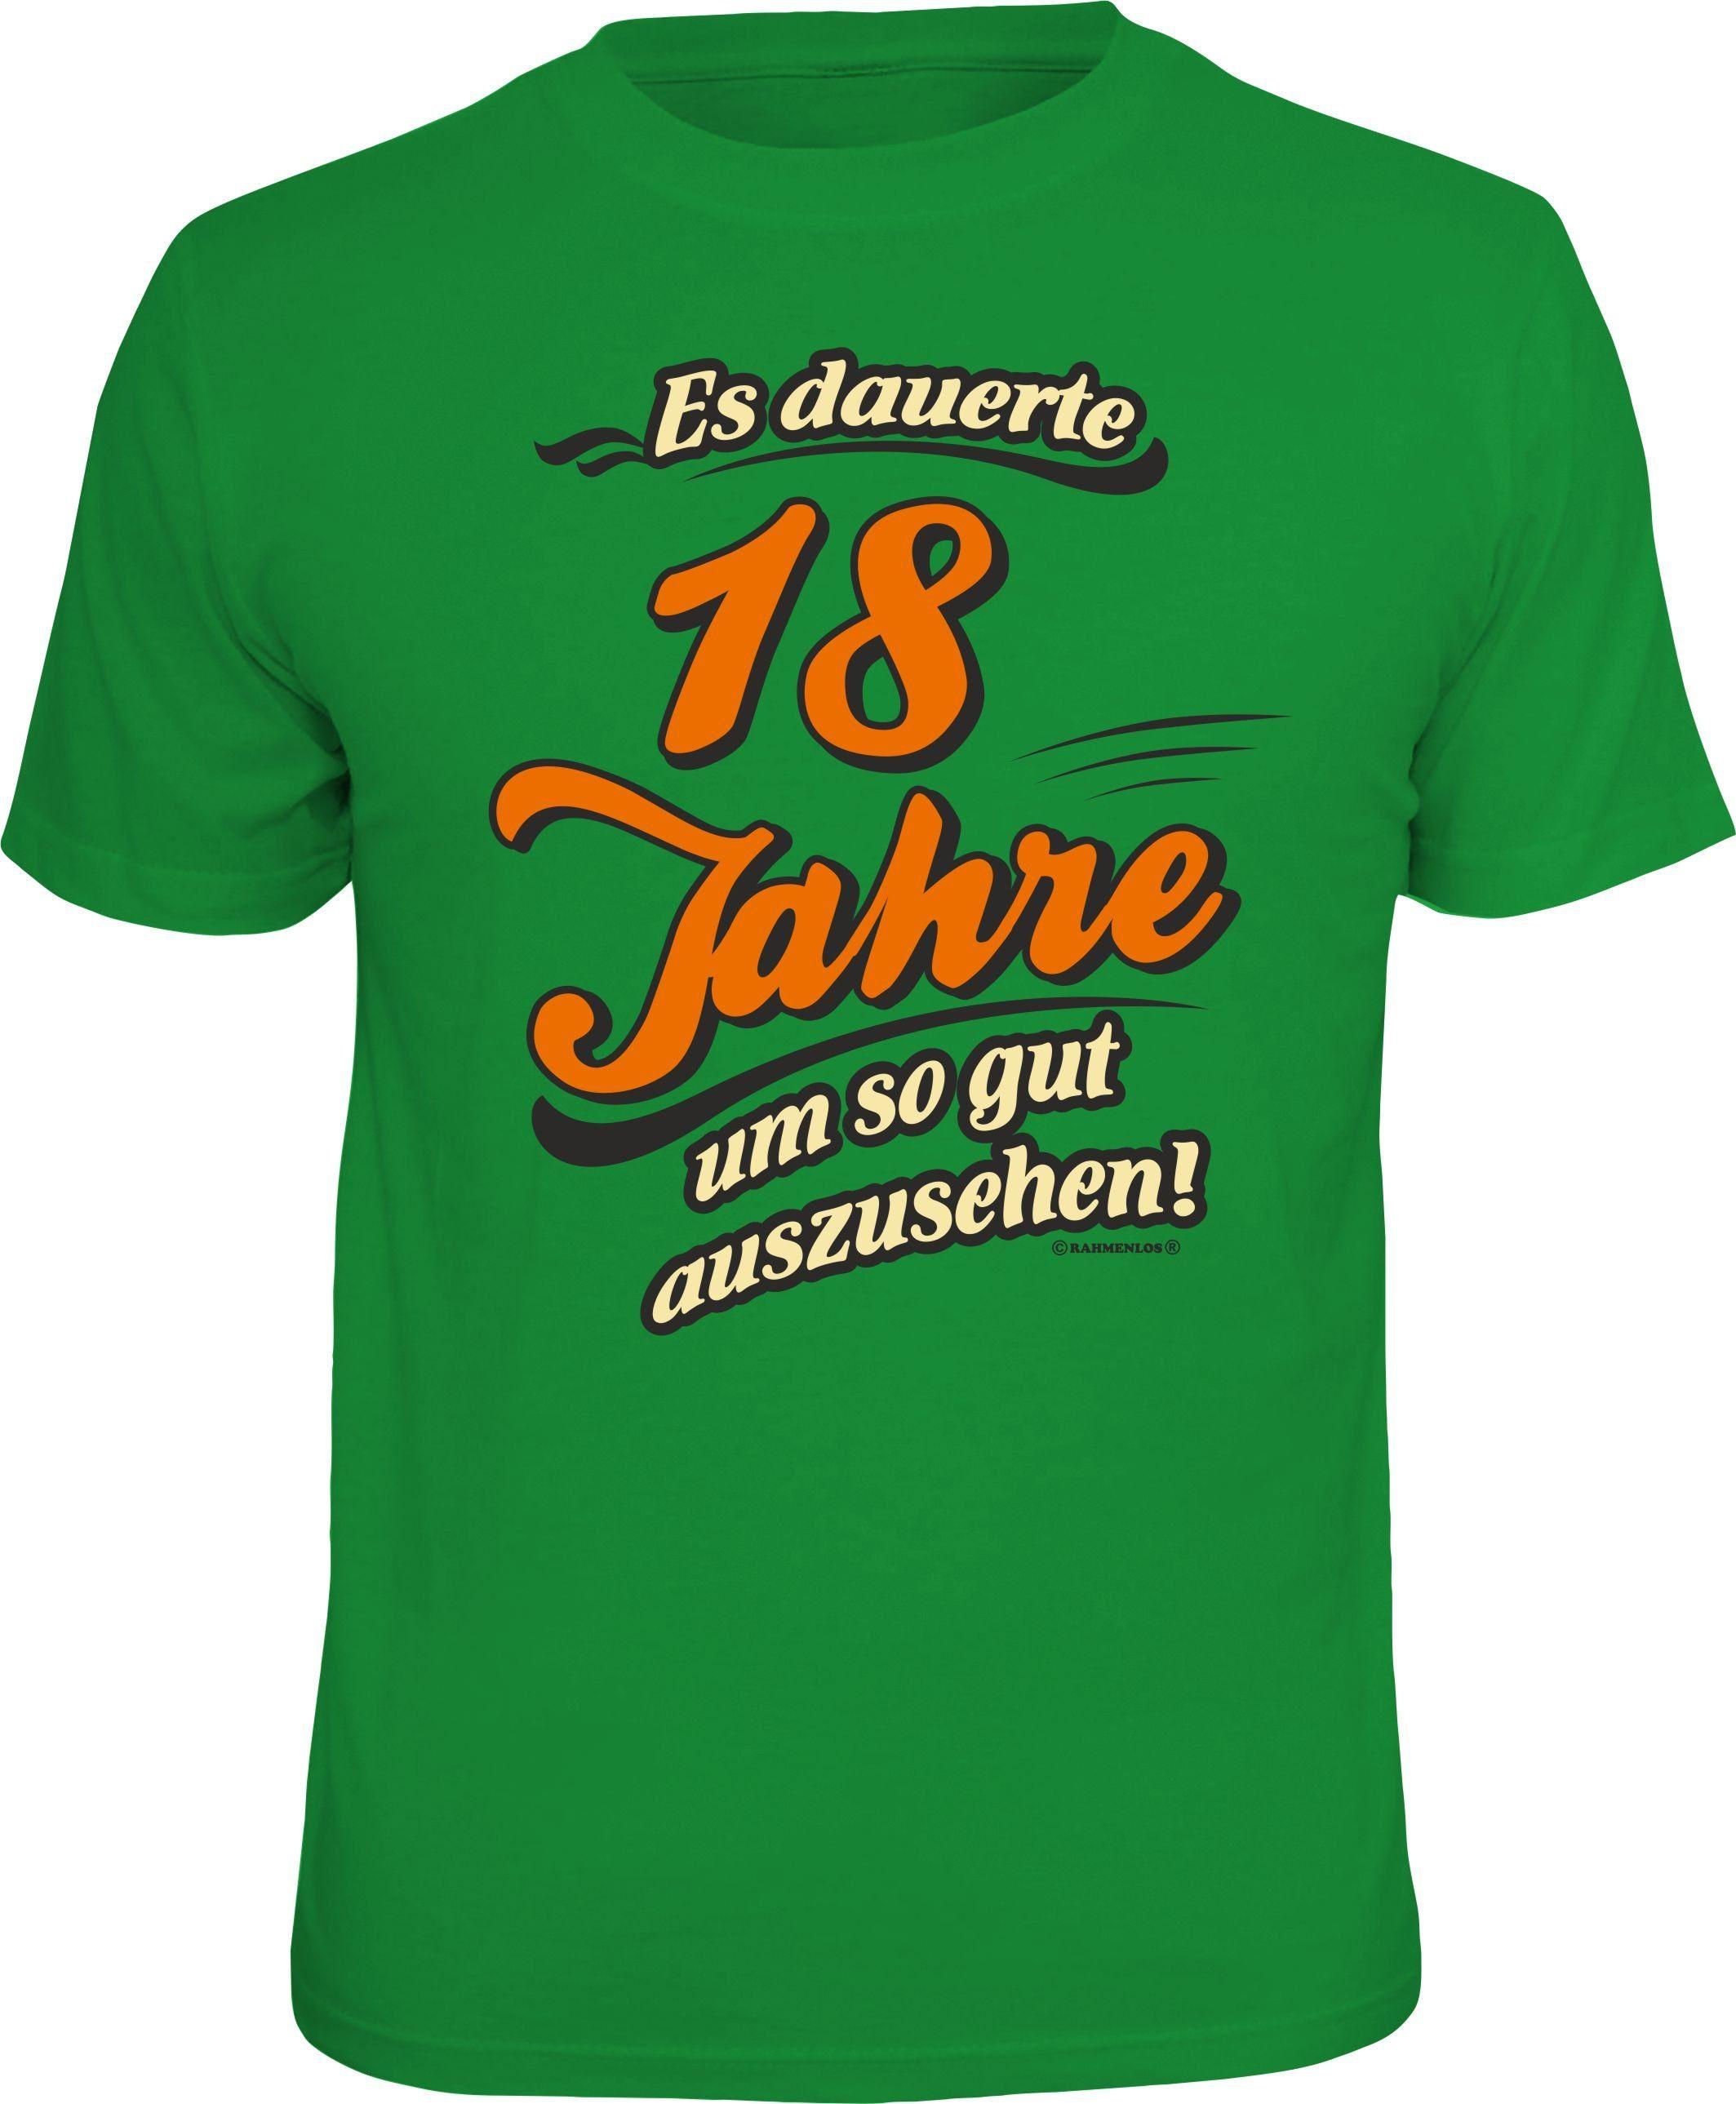 Rahmenlos T-Shirt »Es dauerte 18 Jahre um so gut auszusehen« | Bekleidung > Shirts > Sonstige Shirts | Grün | Baumwolle | RAHMENLOS